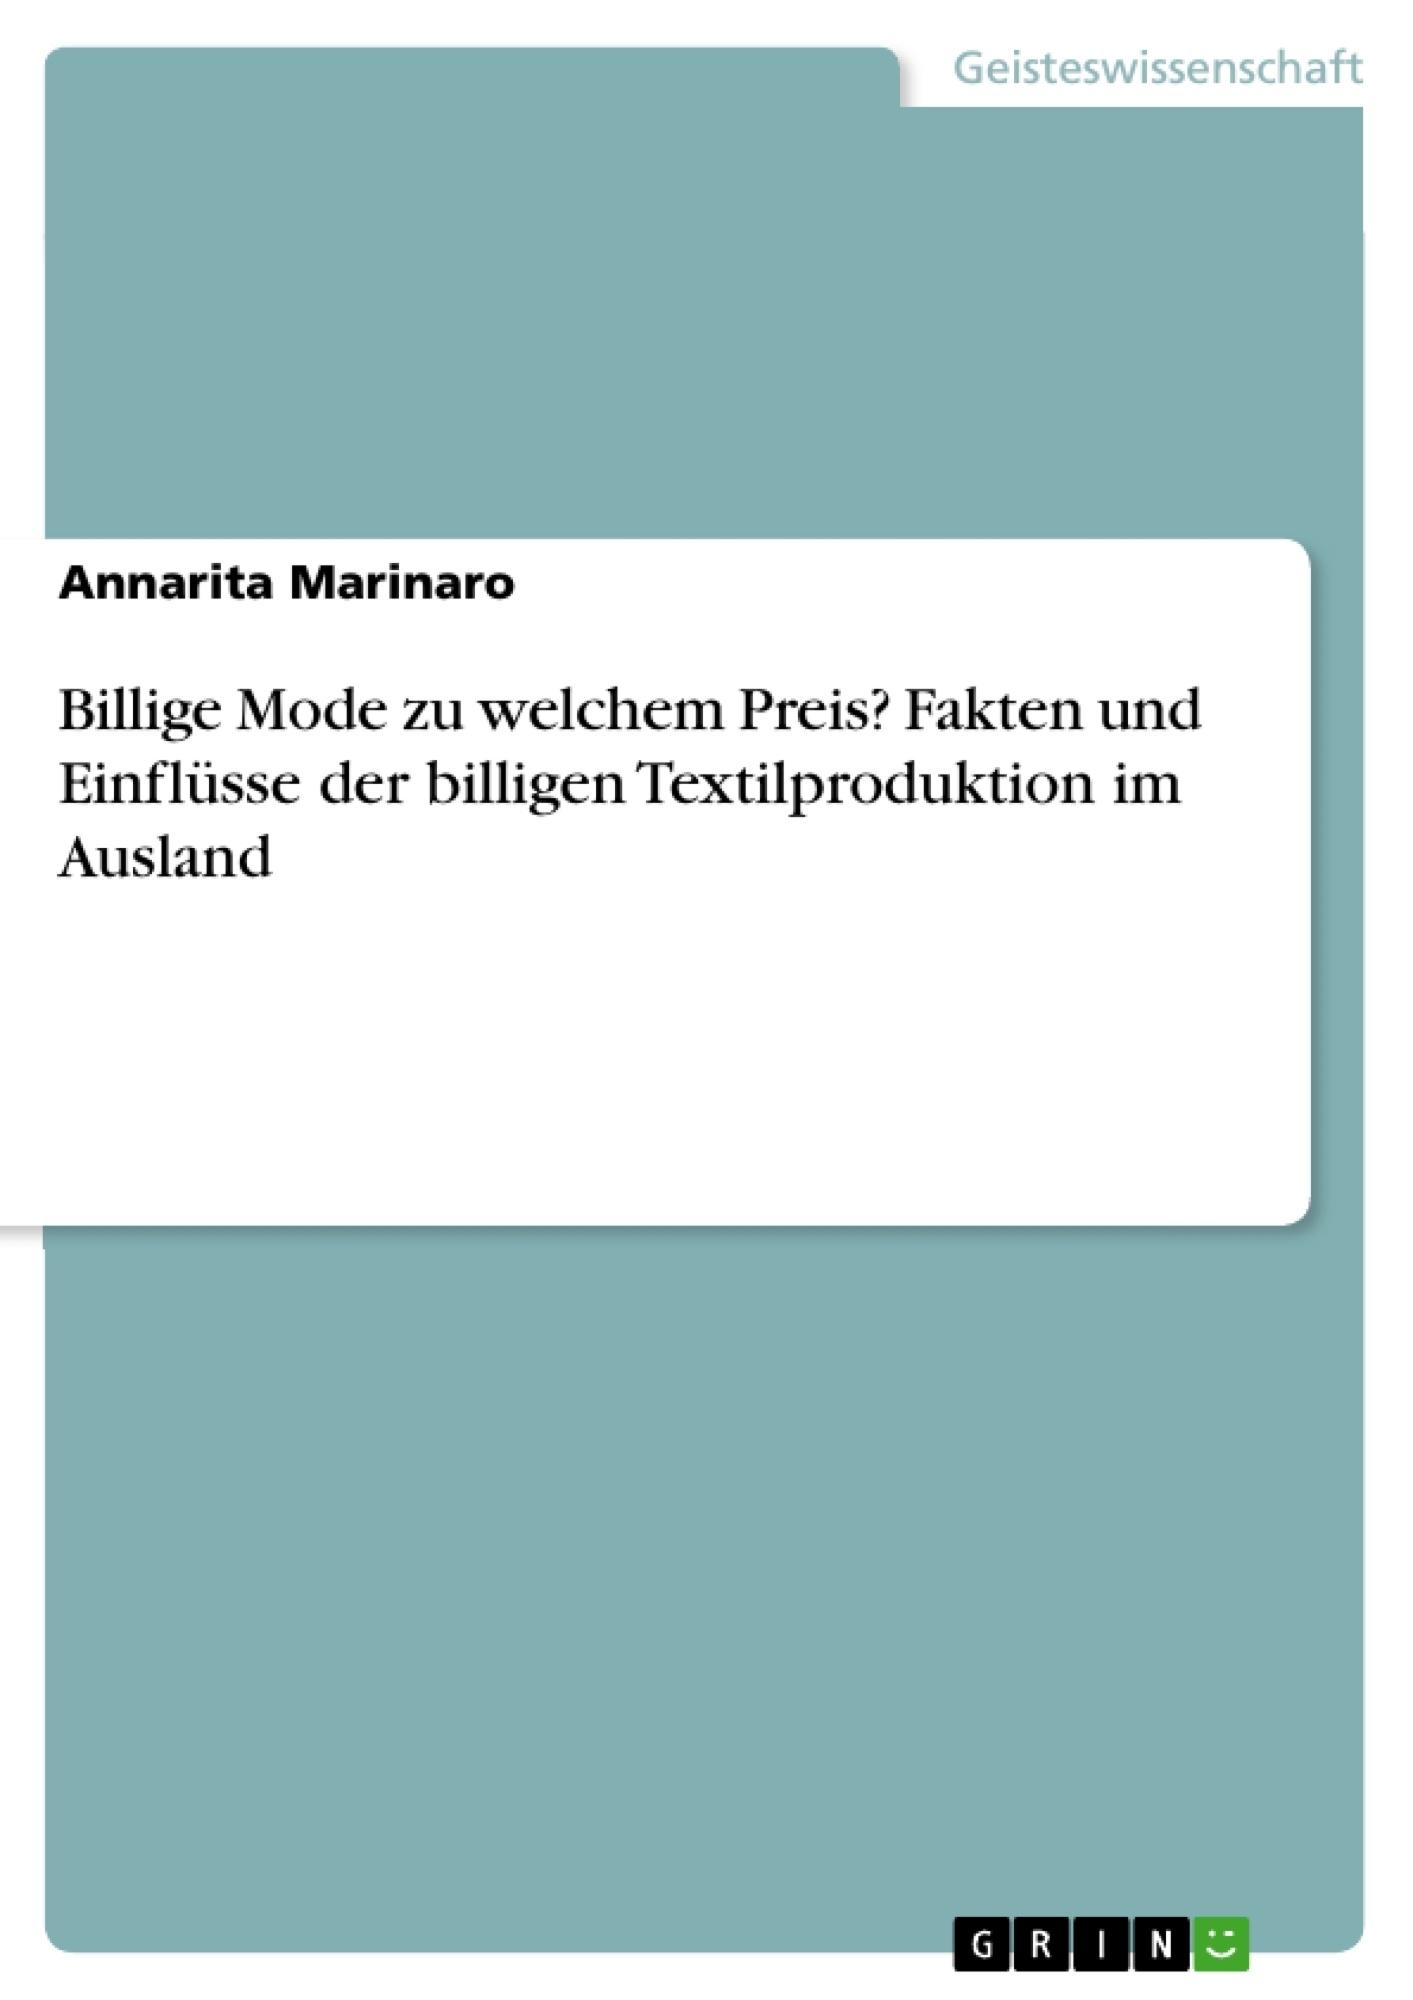 Titel: Billige Mode zu welchem Preis? Fakten und Einflüsse der billigen Textilproduktion im Ausland